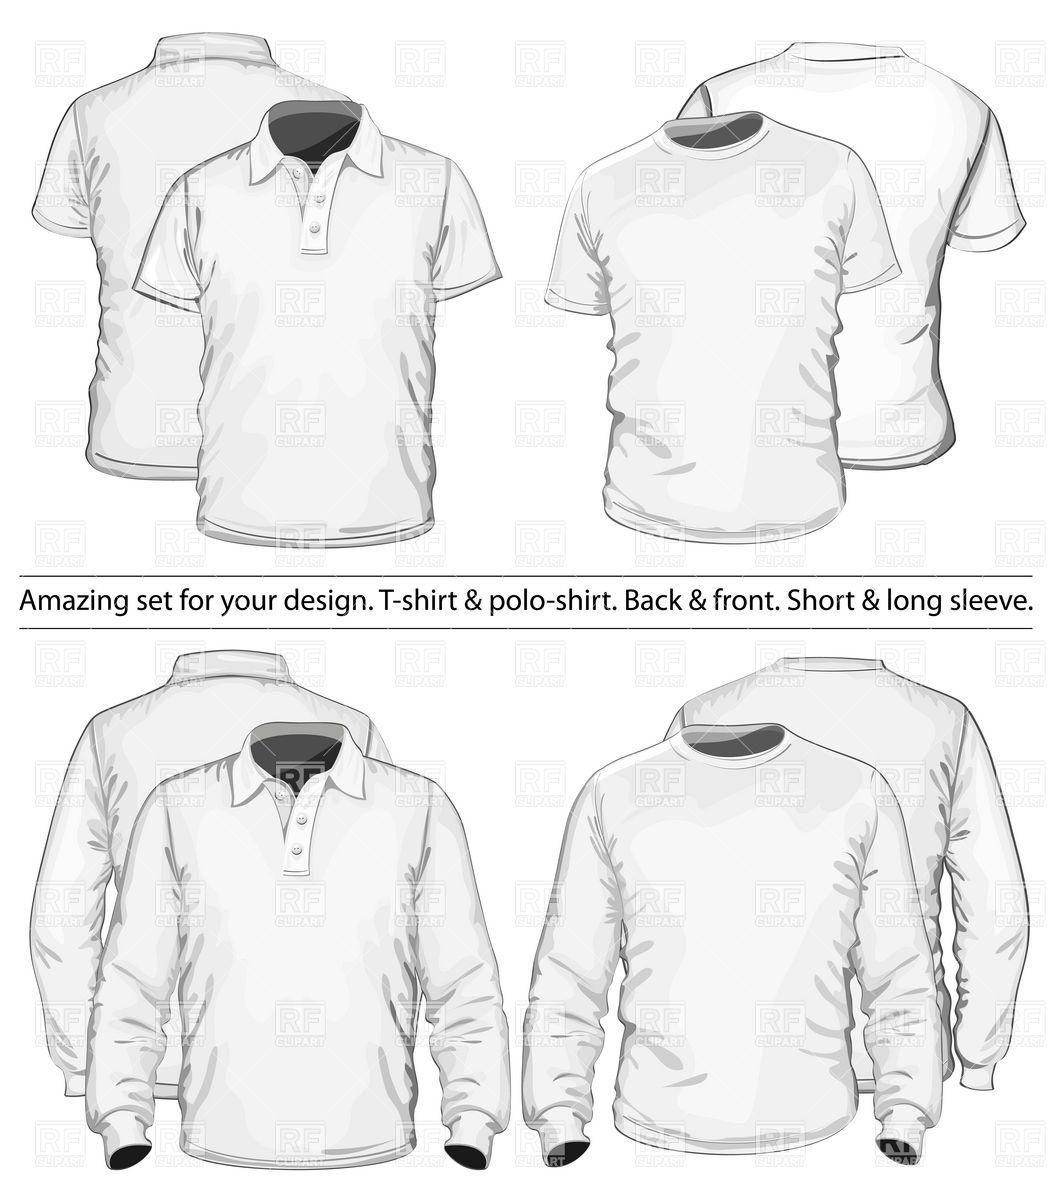 82d705d6 Blank T Shirt Vector Cdr - DREAMWORKS